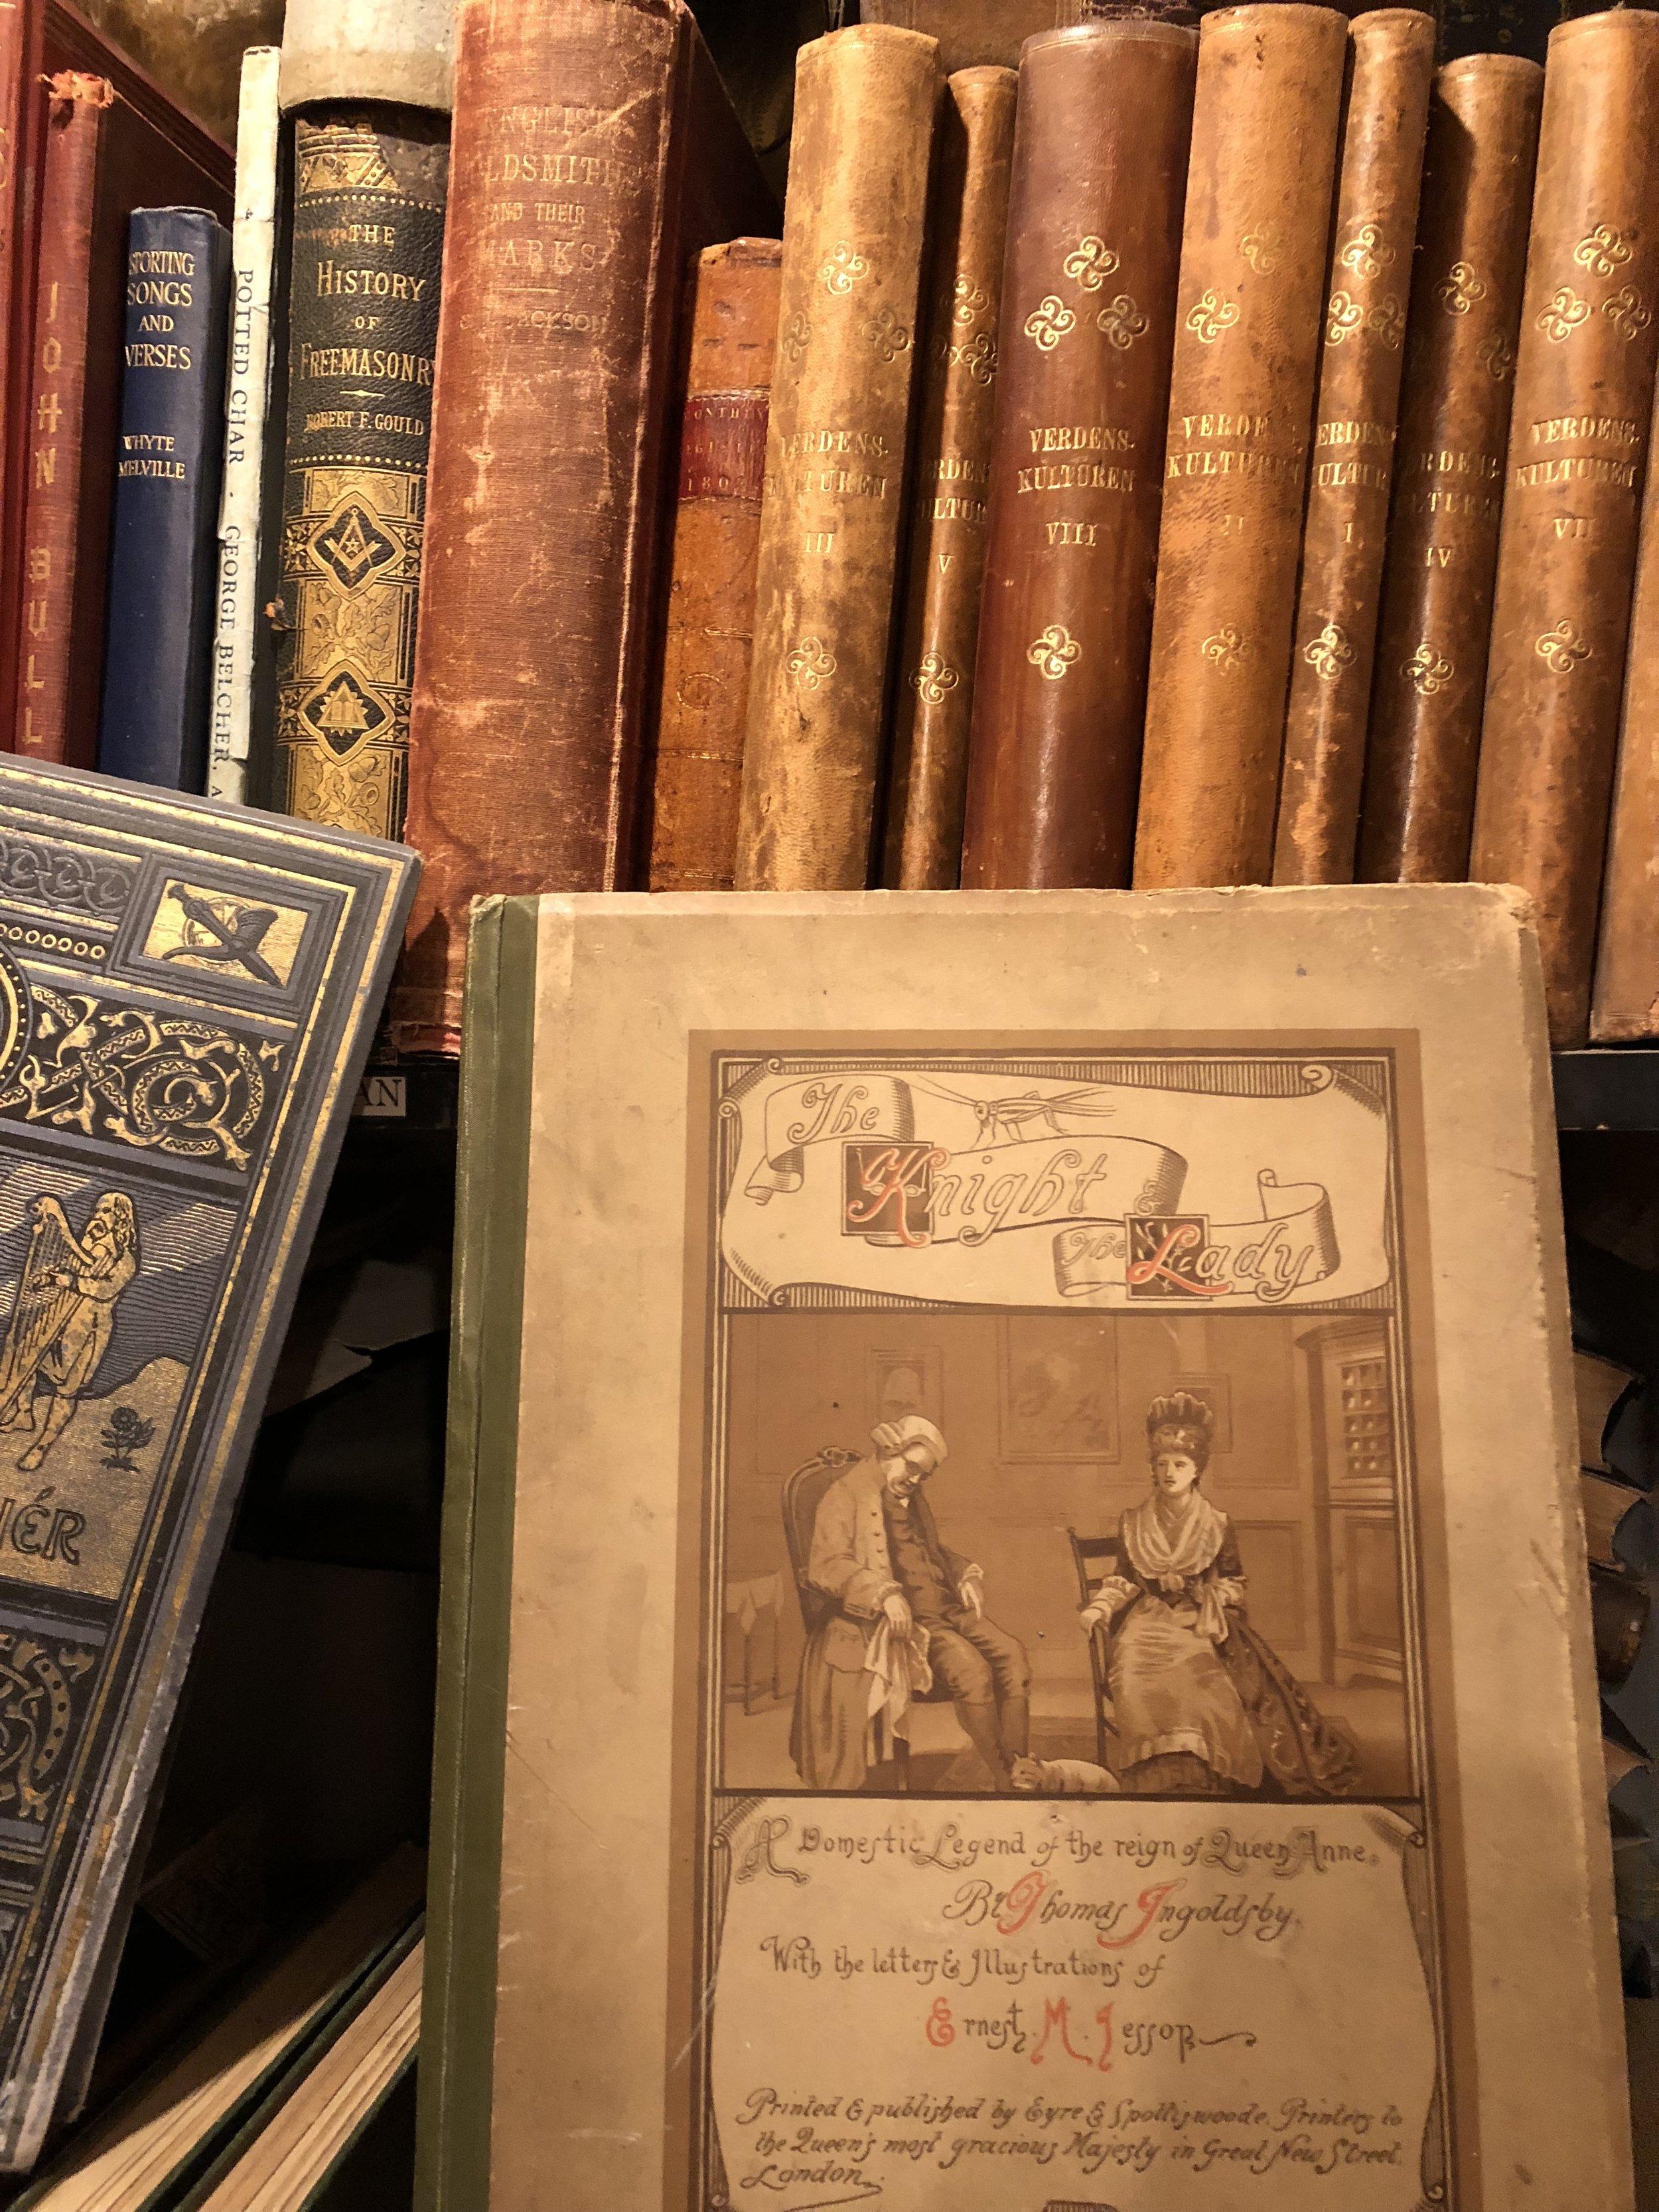 Armchair Bookshop Edinburgh